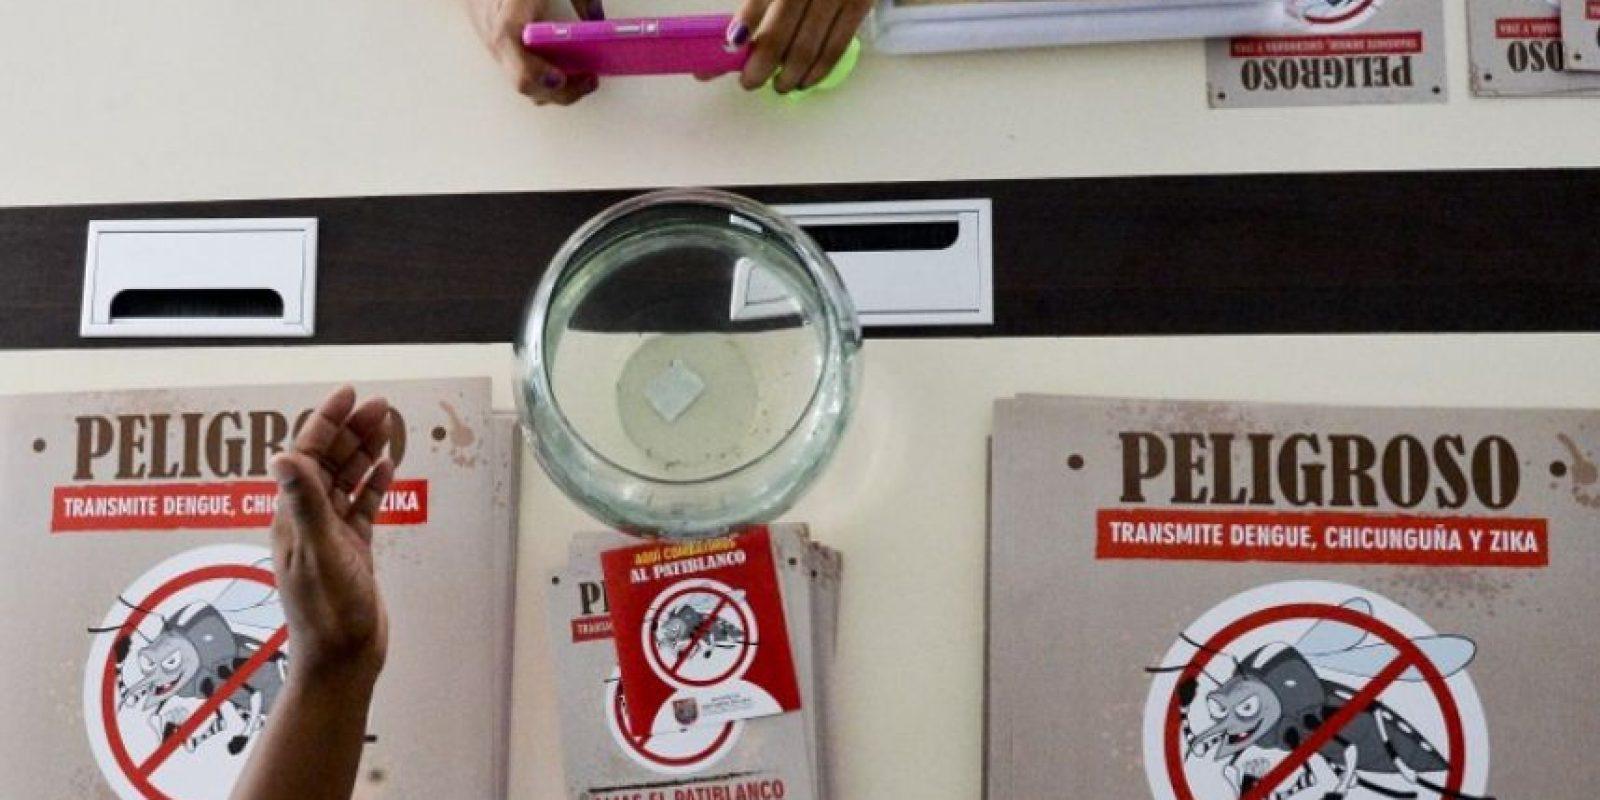 El virus Zika ha puesto en alerta a la comunidad médica internacional Foto:AFP